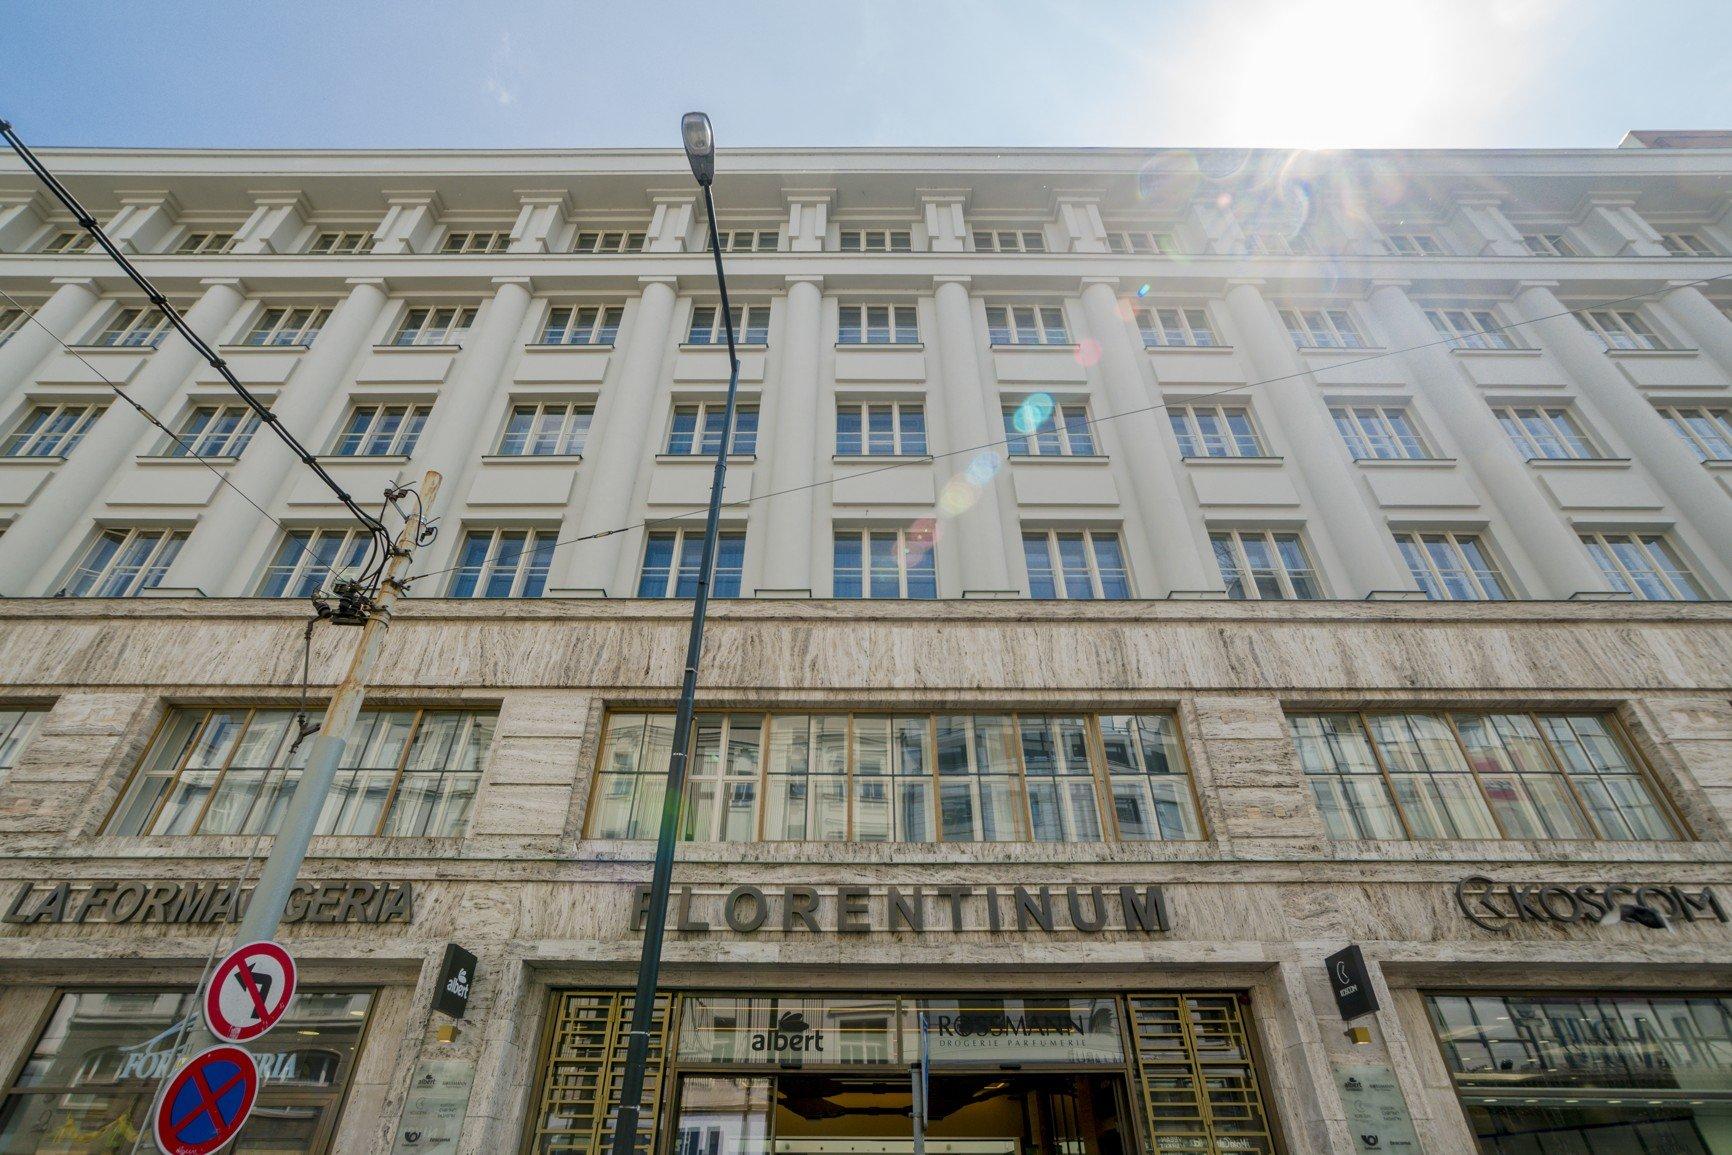 Florentinum